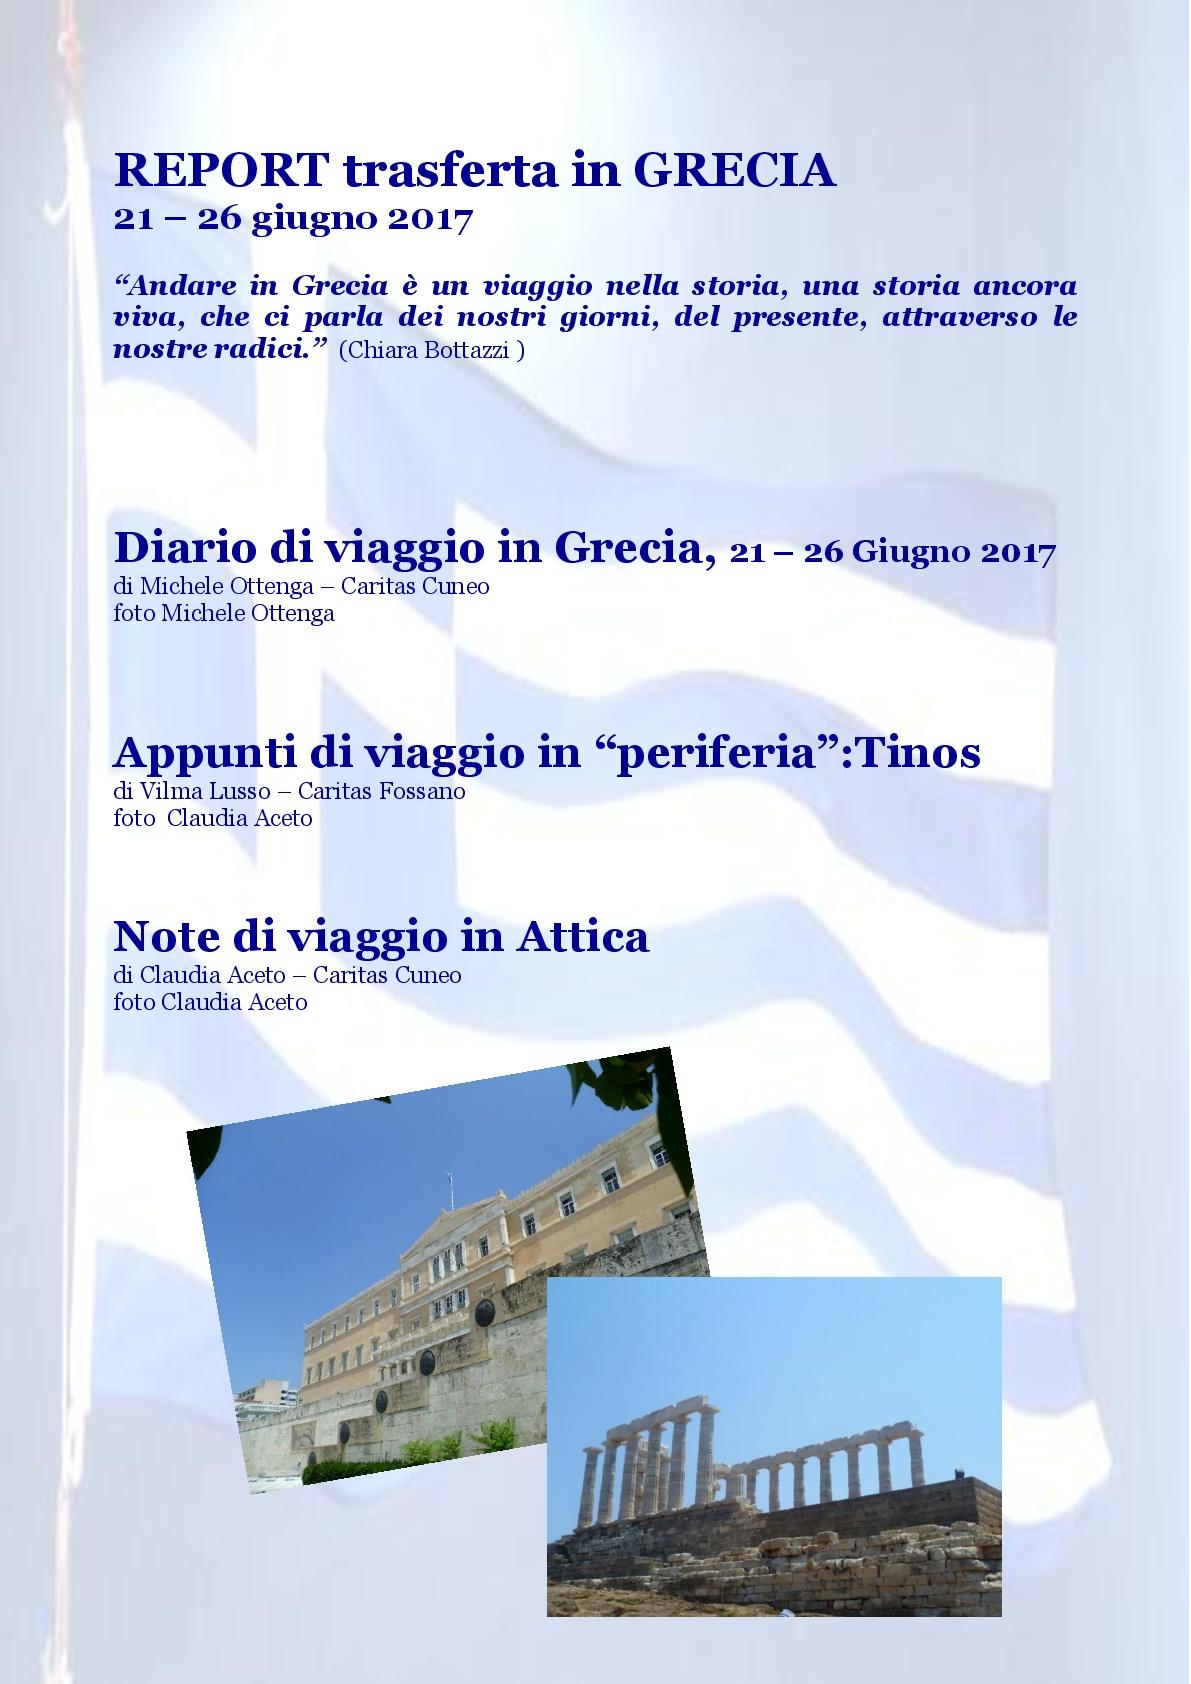 copertina report Grecia - Copia - Copia-001